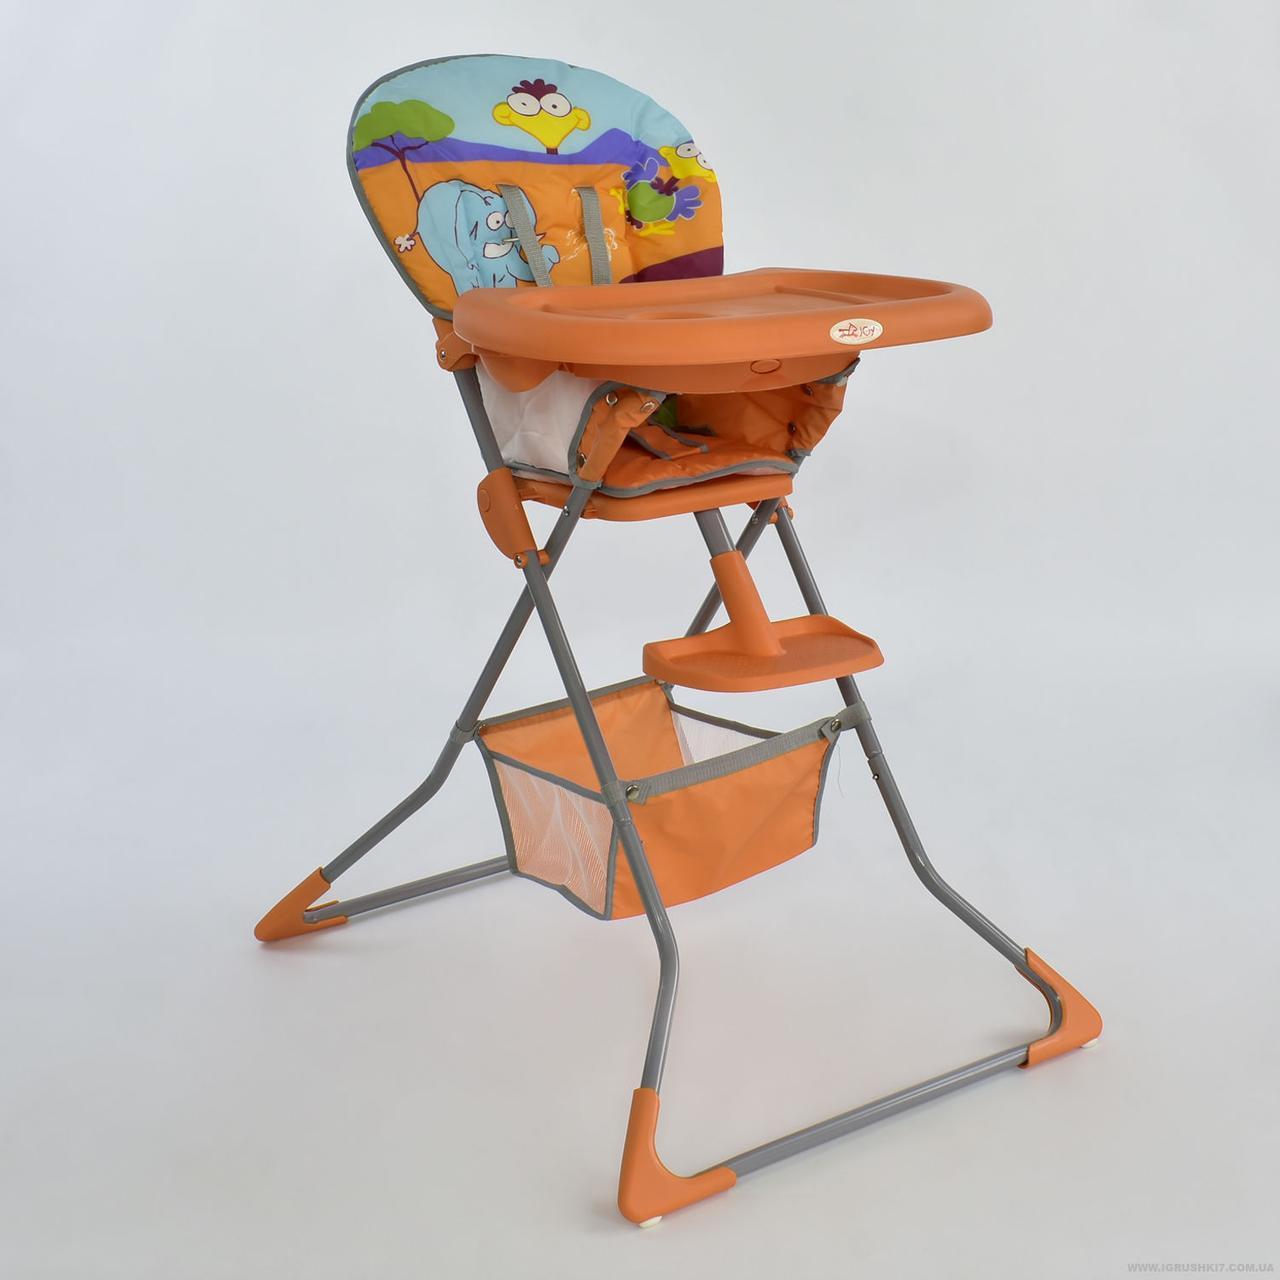 Стульчик для кормления JOY А 0022 оранжевый